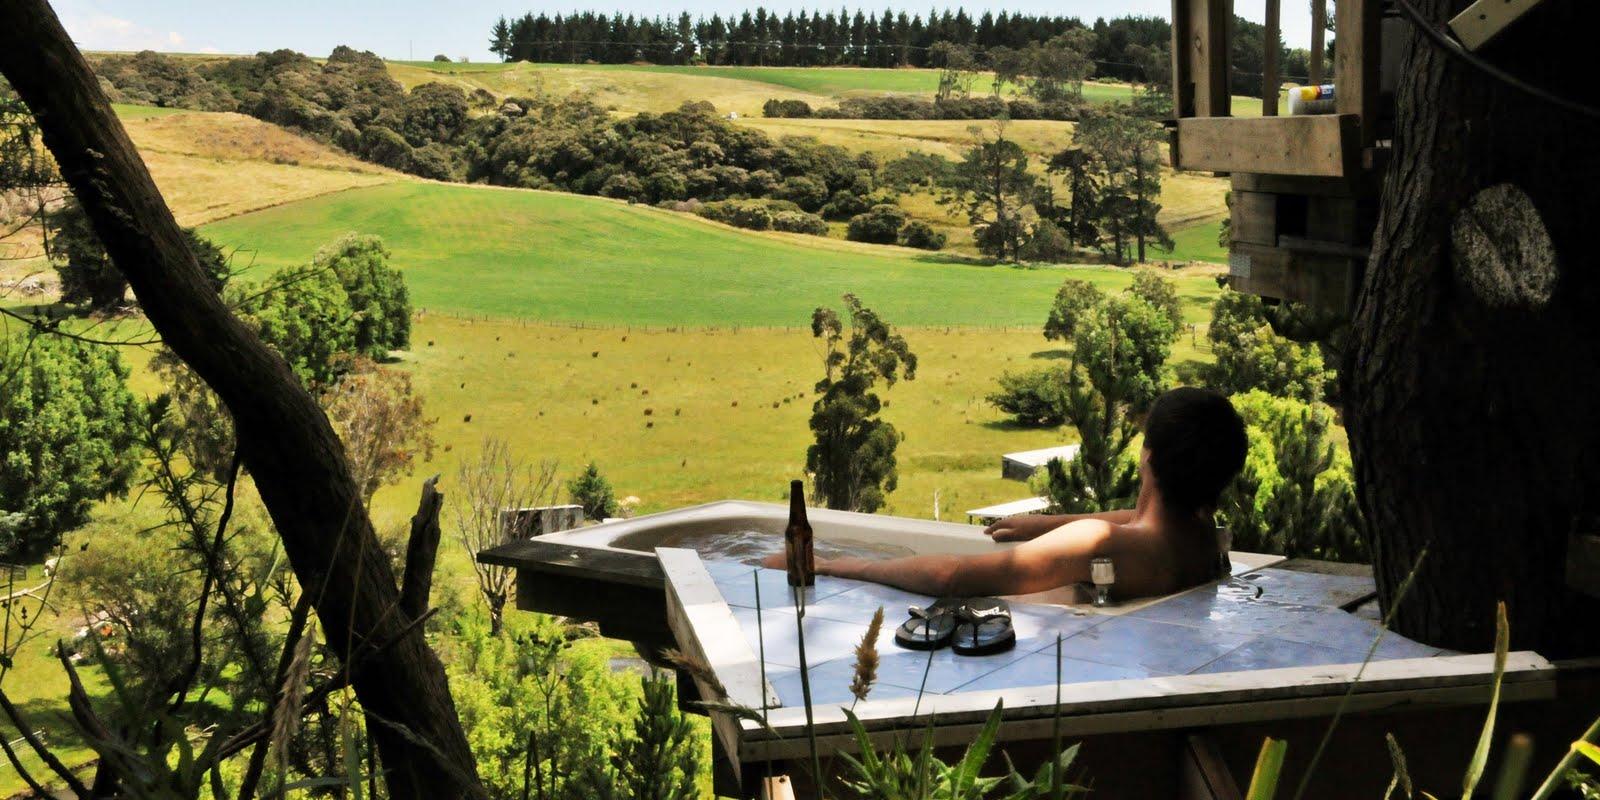 Bath tub in a tree house